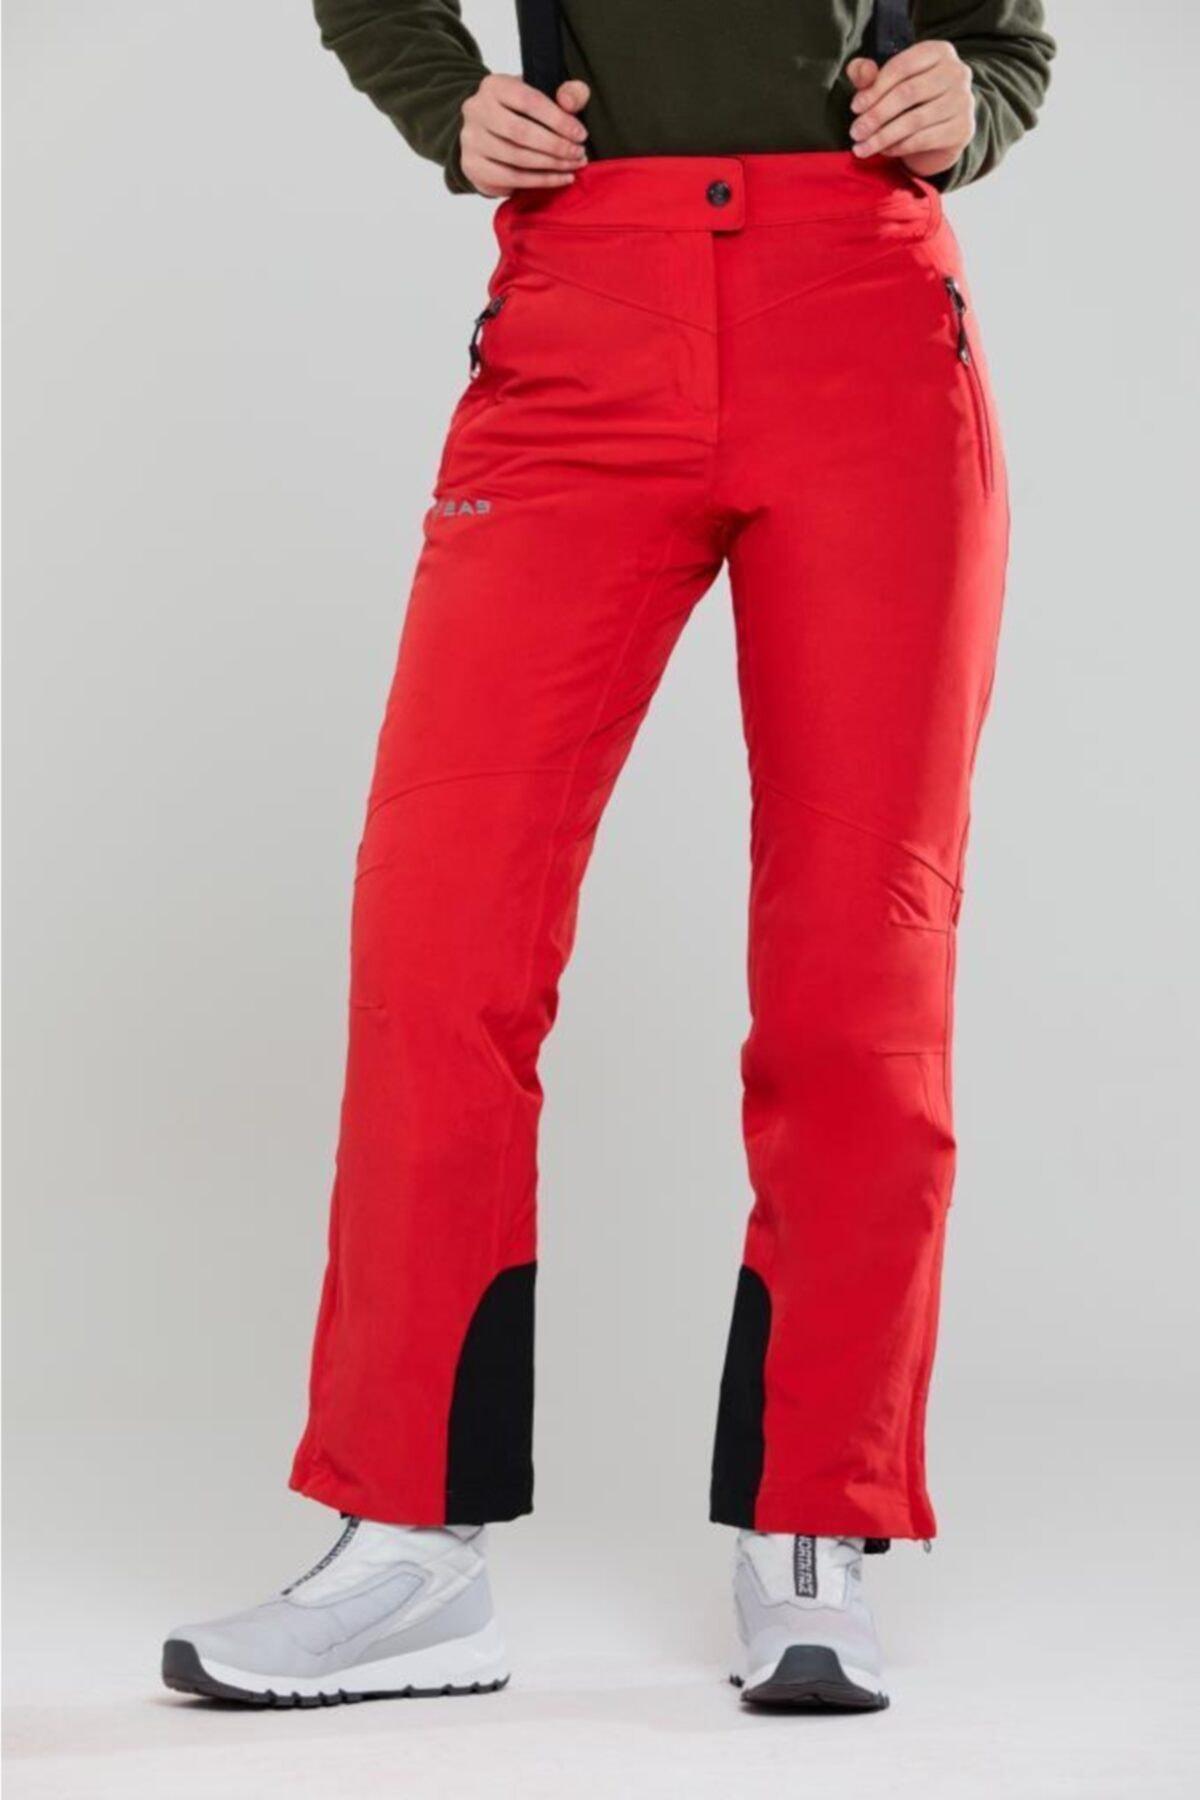 2AS Asama Kadın Kayak Pantolonu Kırmızı 1